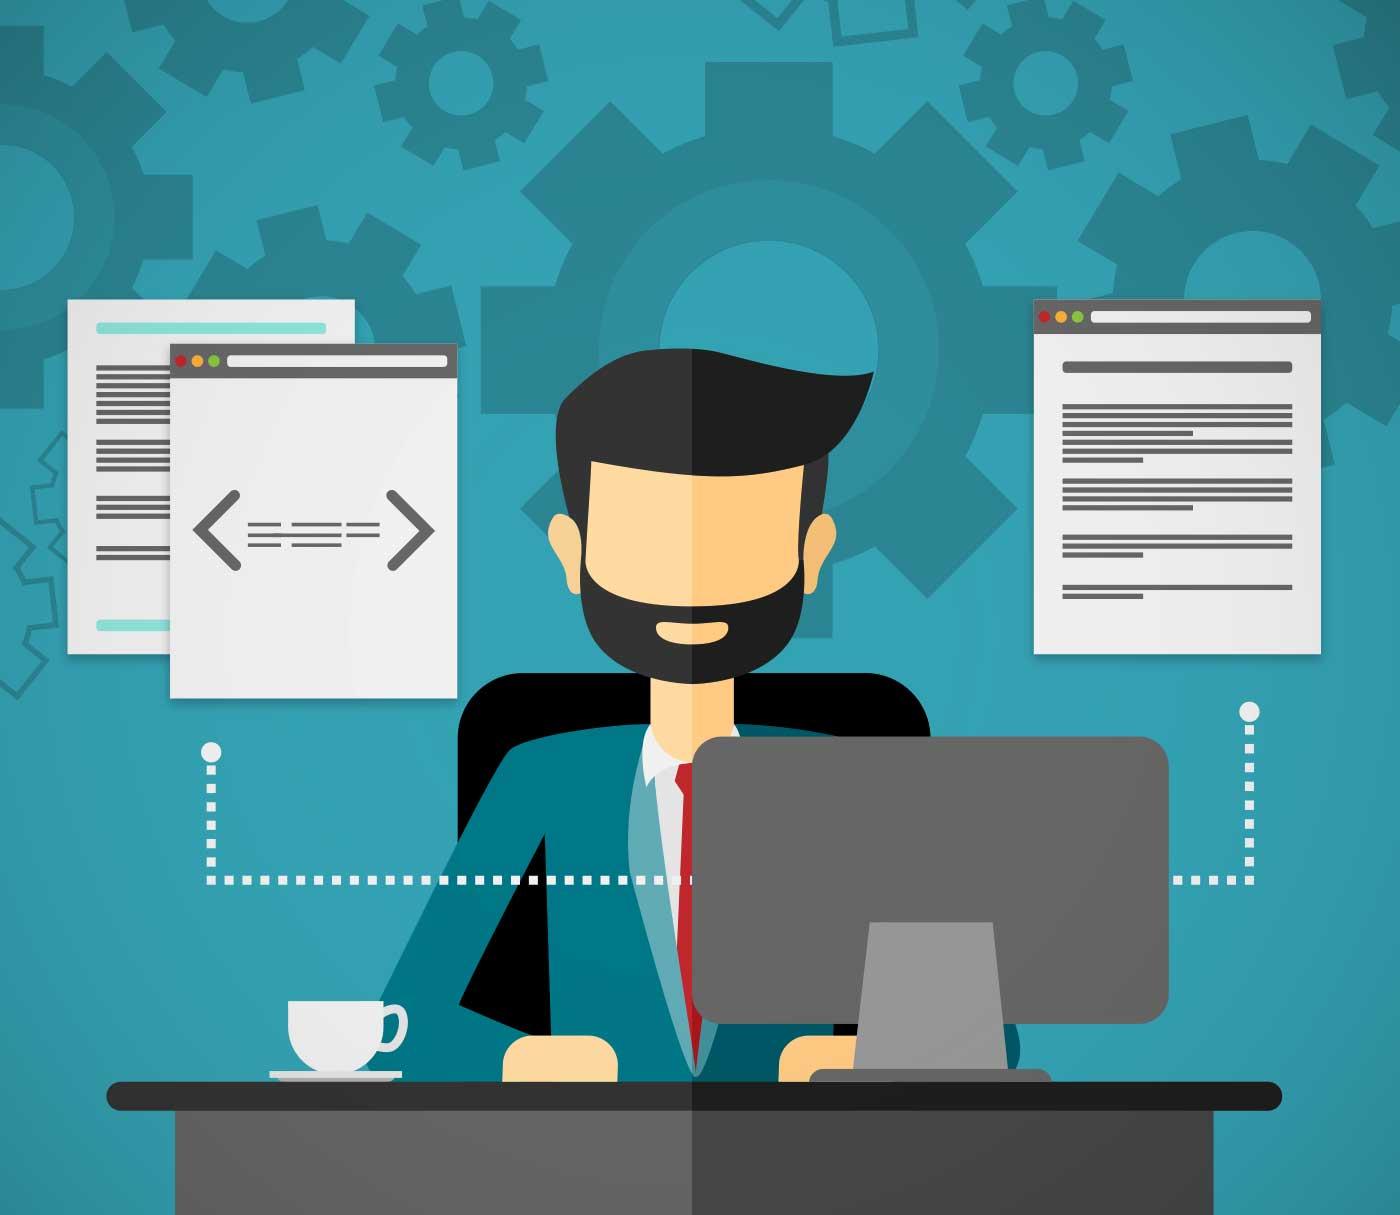 maatwerk software ontwikkelaar